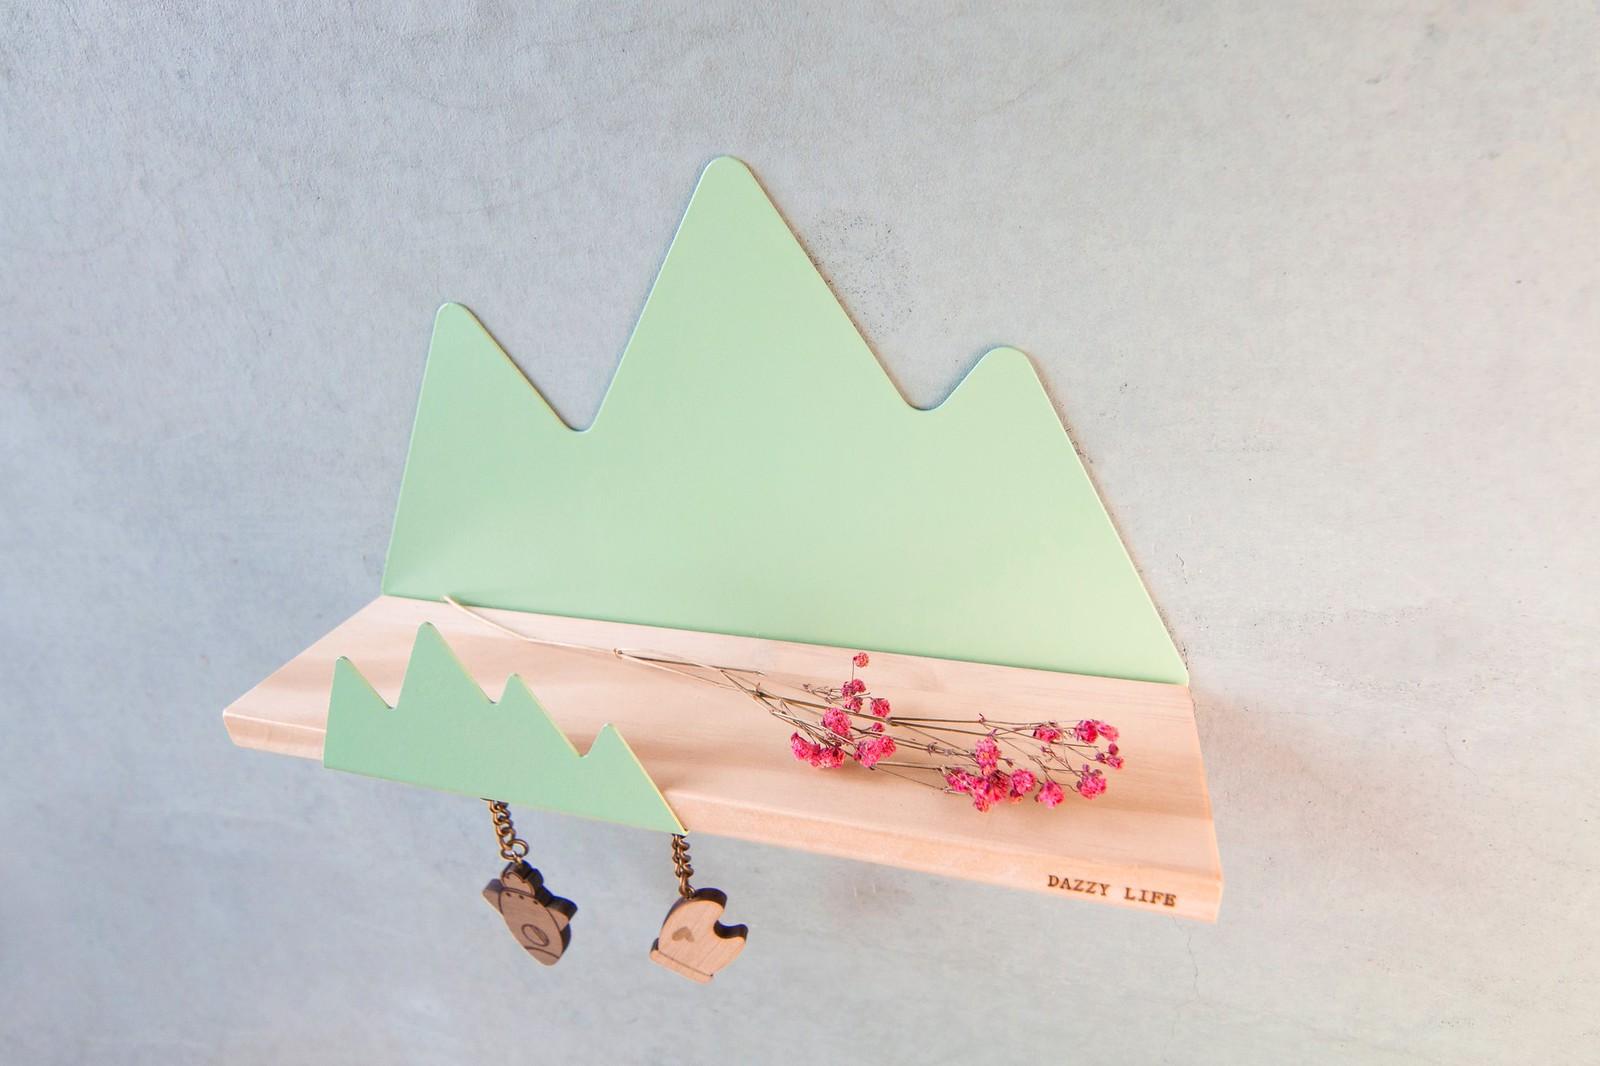 鑰匙圈 客製化 禮物 特色產品 居家 台灣設計 生日 情人節 山 情侶 家庭 雙人 壁掛 簡約 金屬 綠色 多肉 玄關 療癒 聖誕節 收納 裝飾 吊飾 送禮 中性 木 楓木 松木 鑰匙